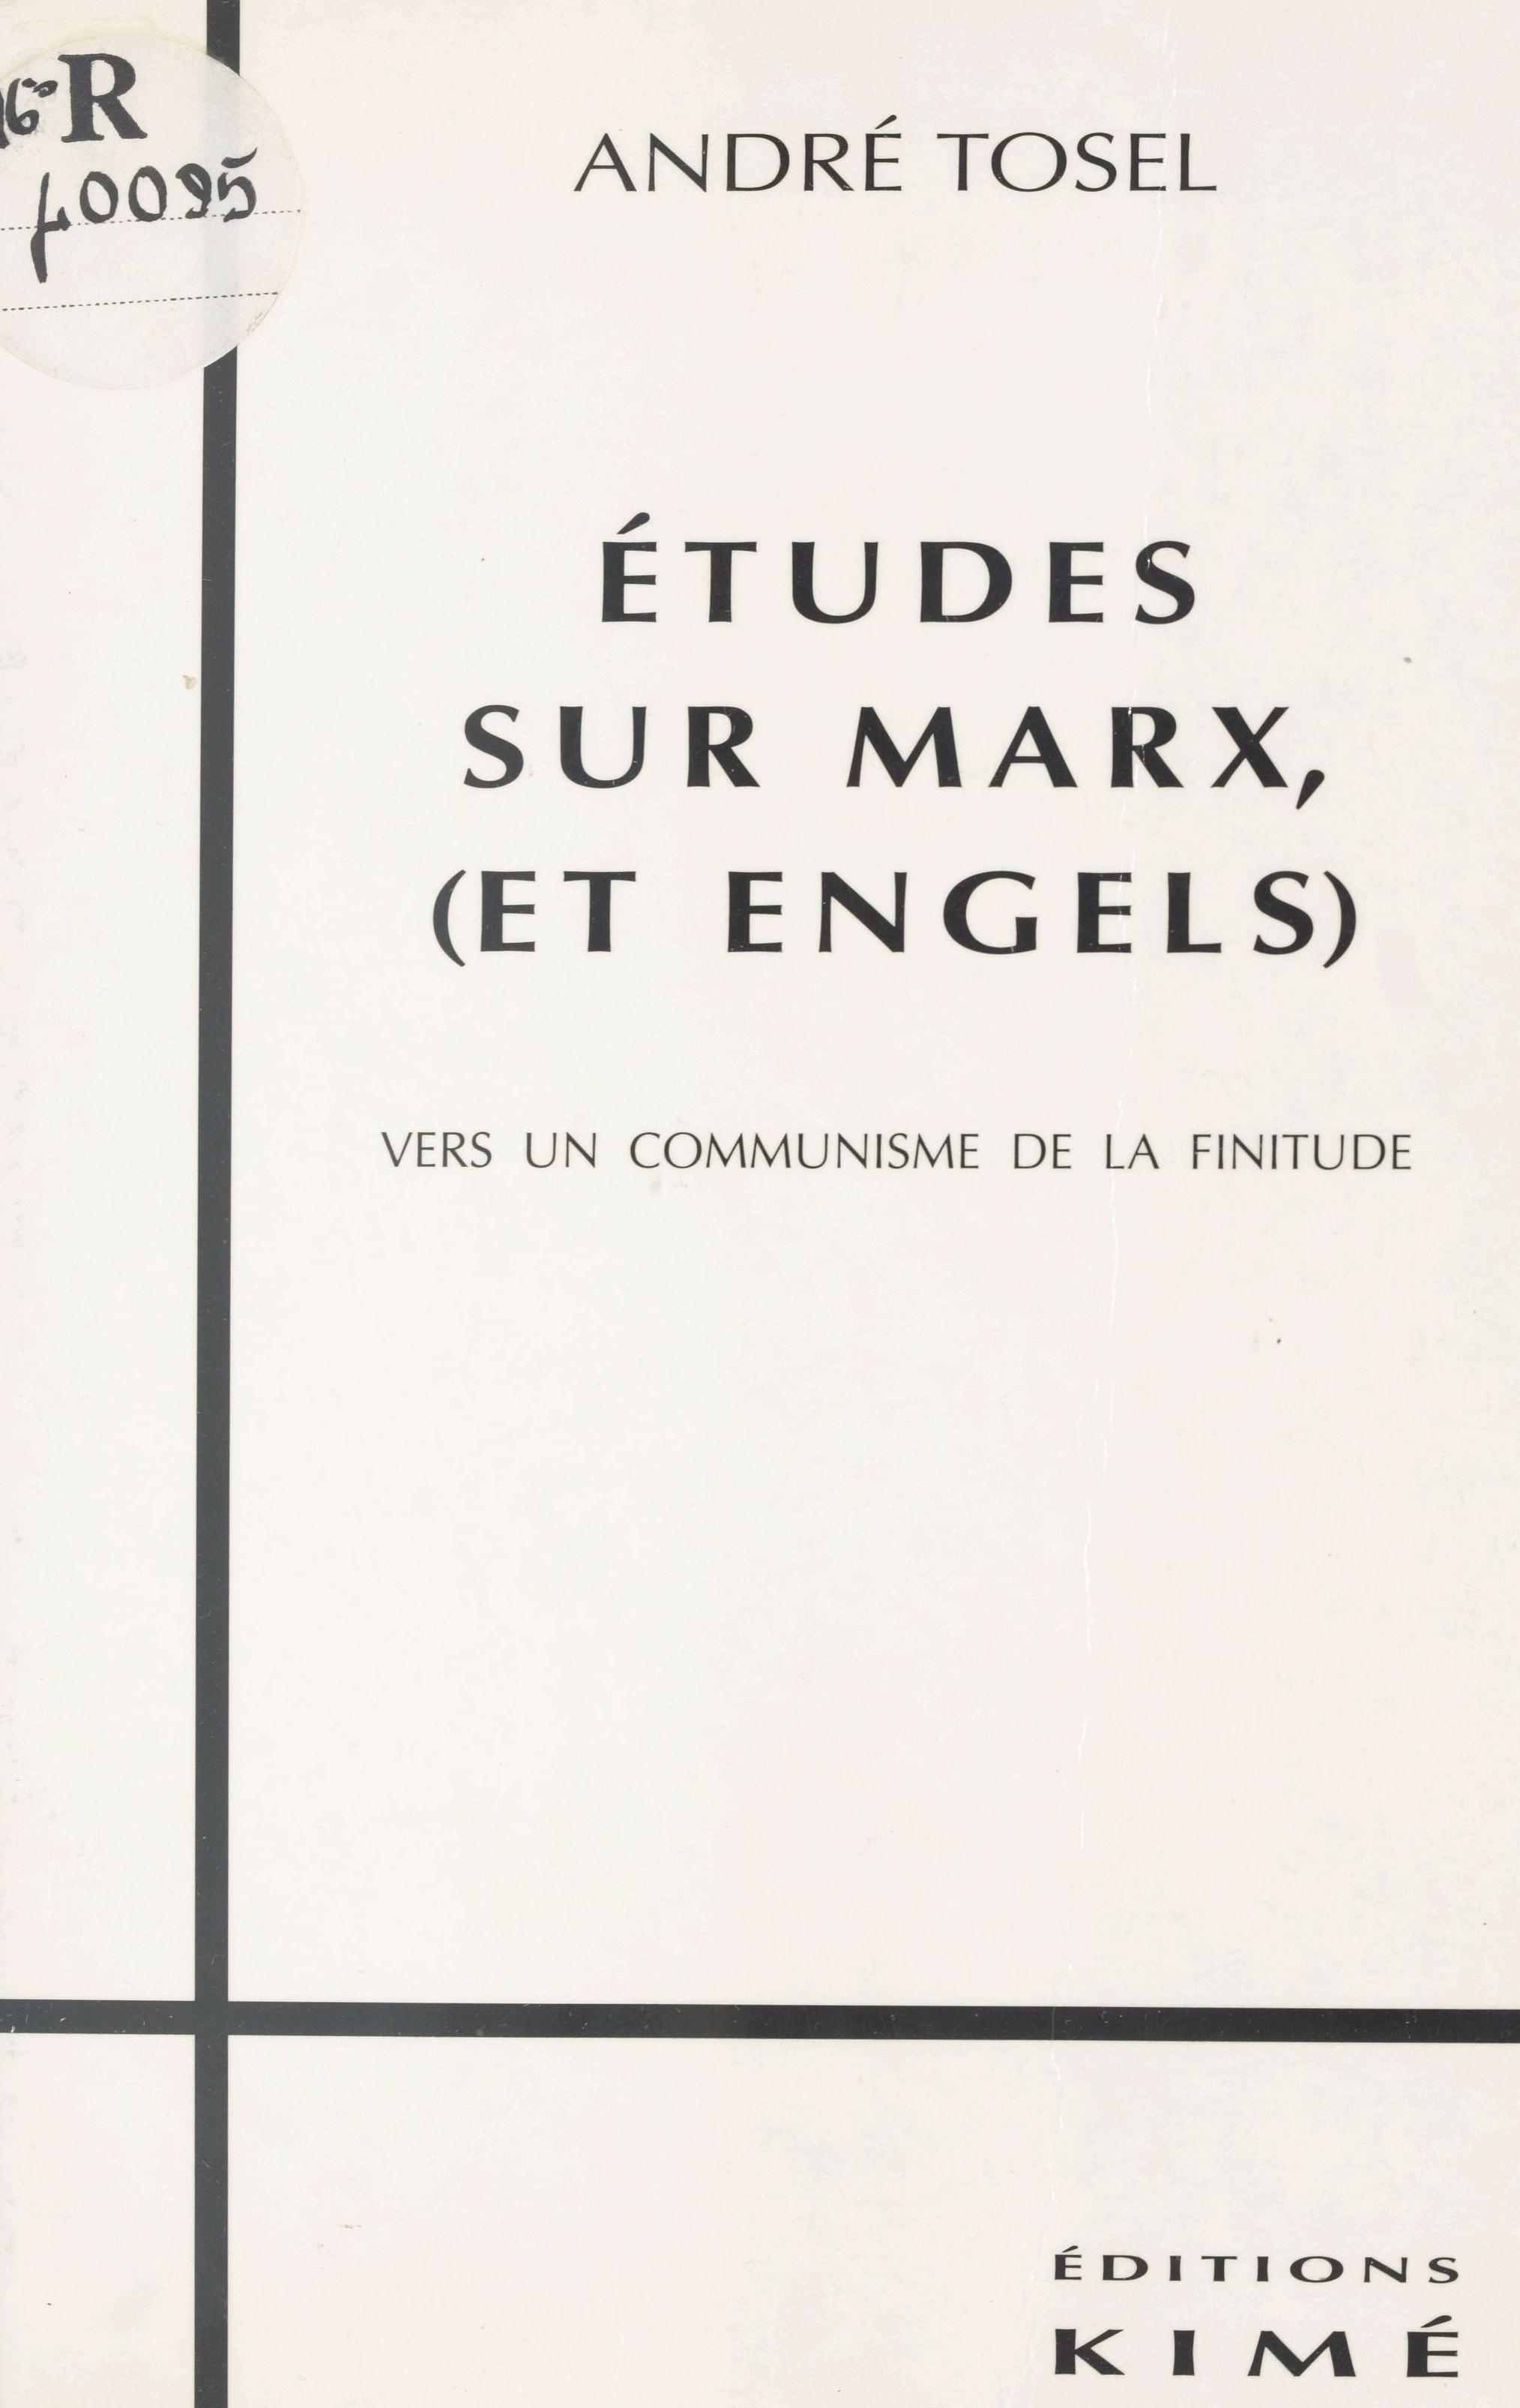 Études sur Marx et Engels : vers un communisme de la finitude